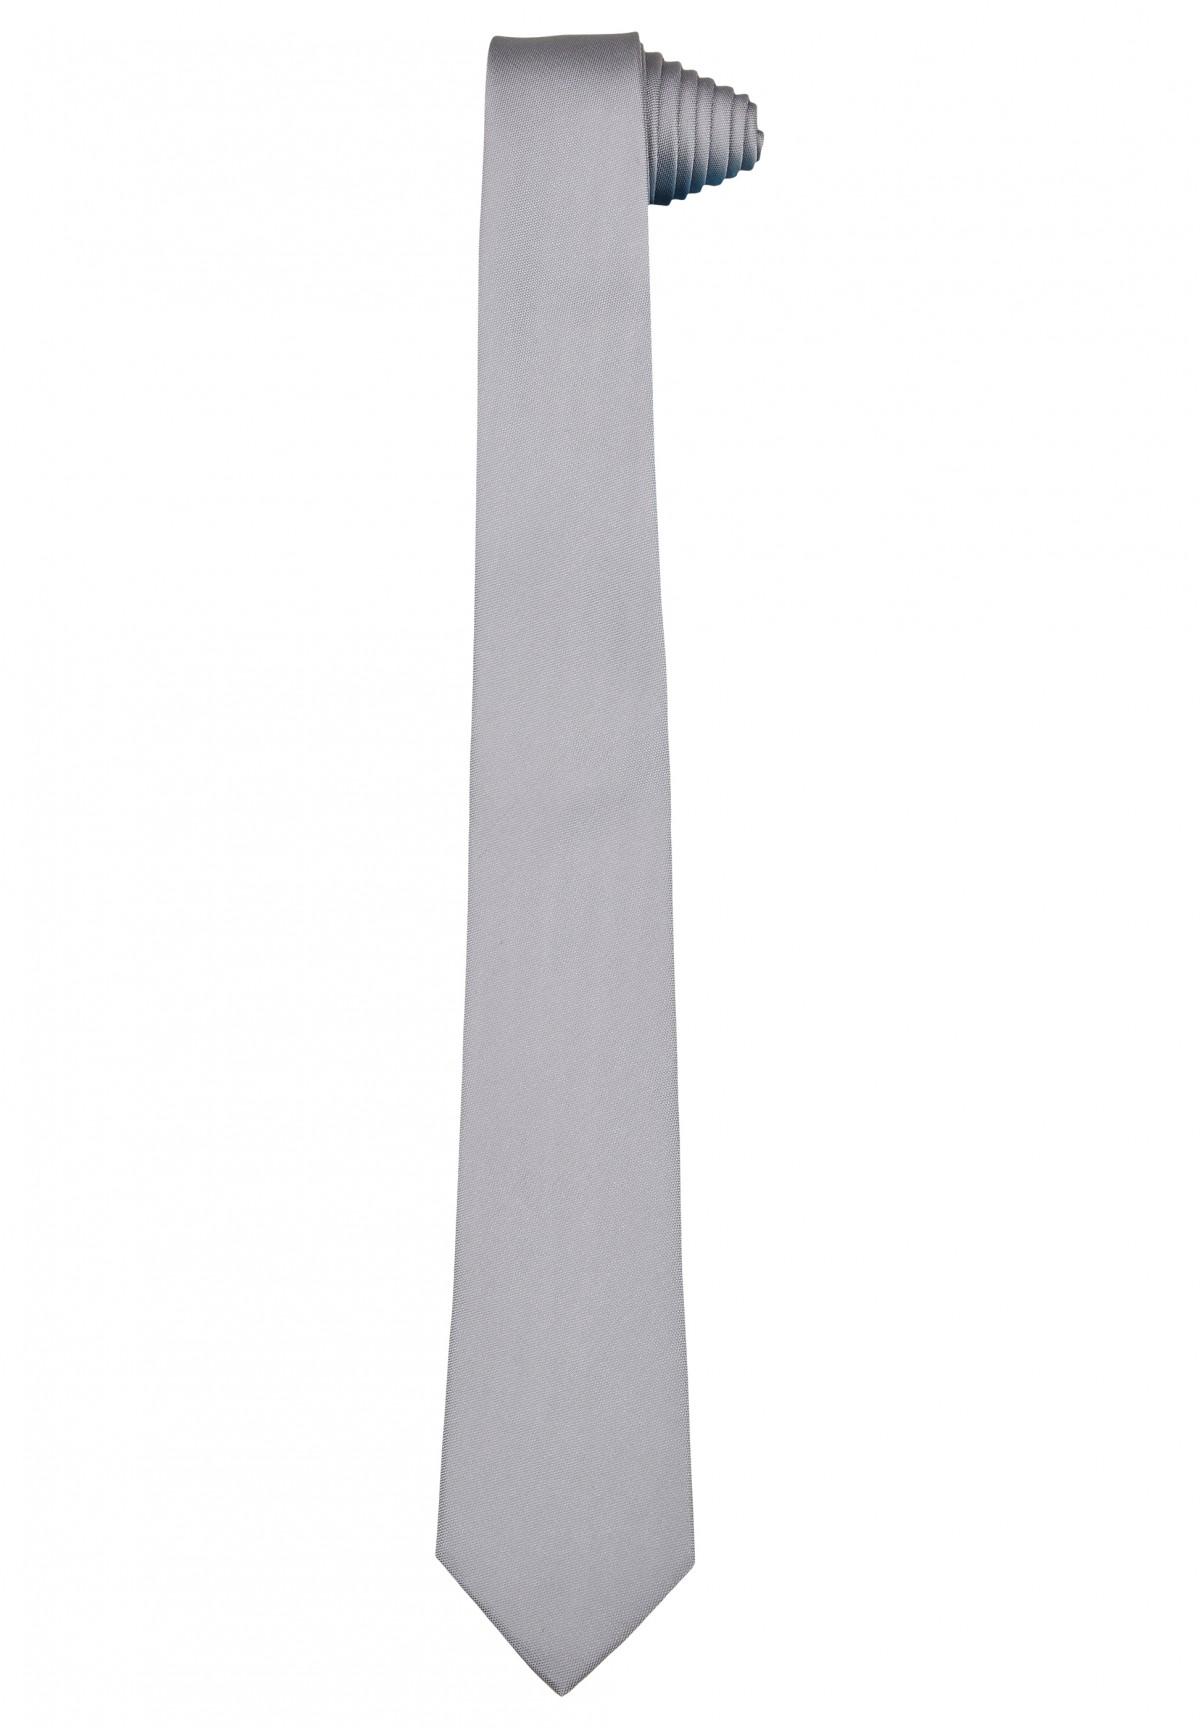 Klassische Krawatte im einfarbigen Design / Klassische Krawatte im einfarbigen Design